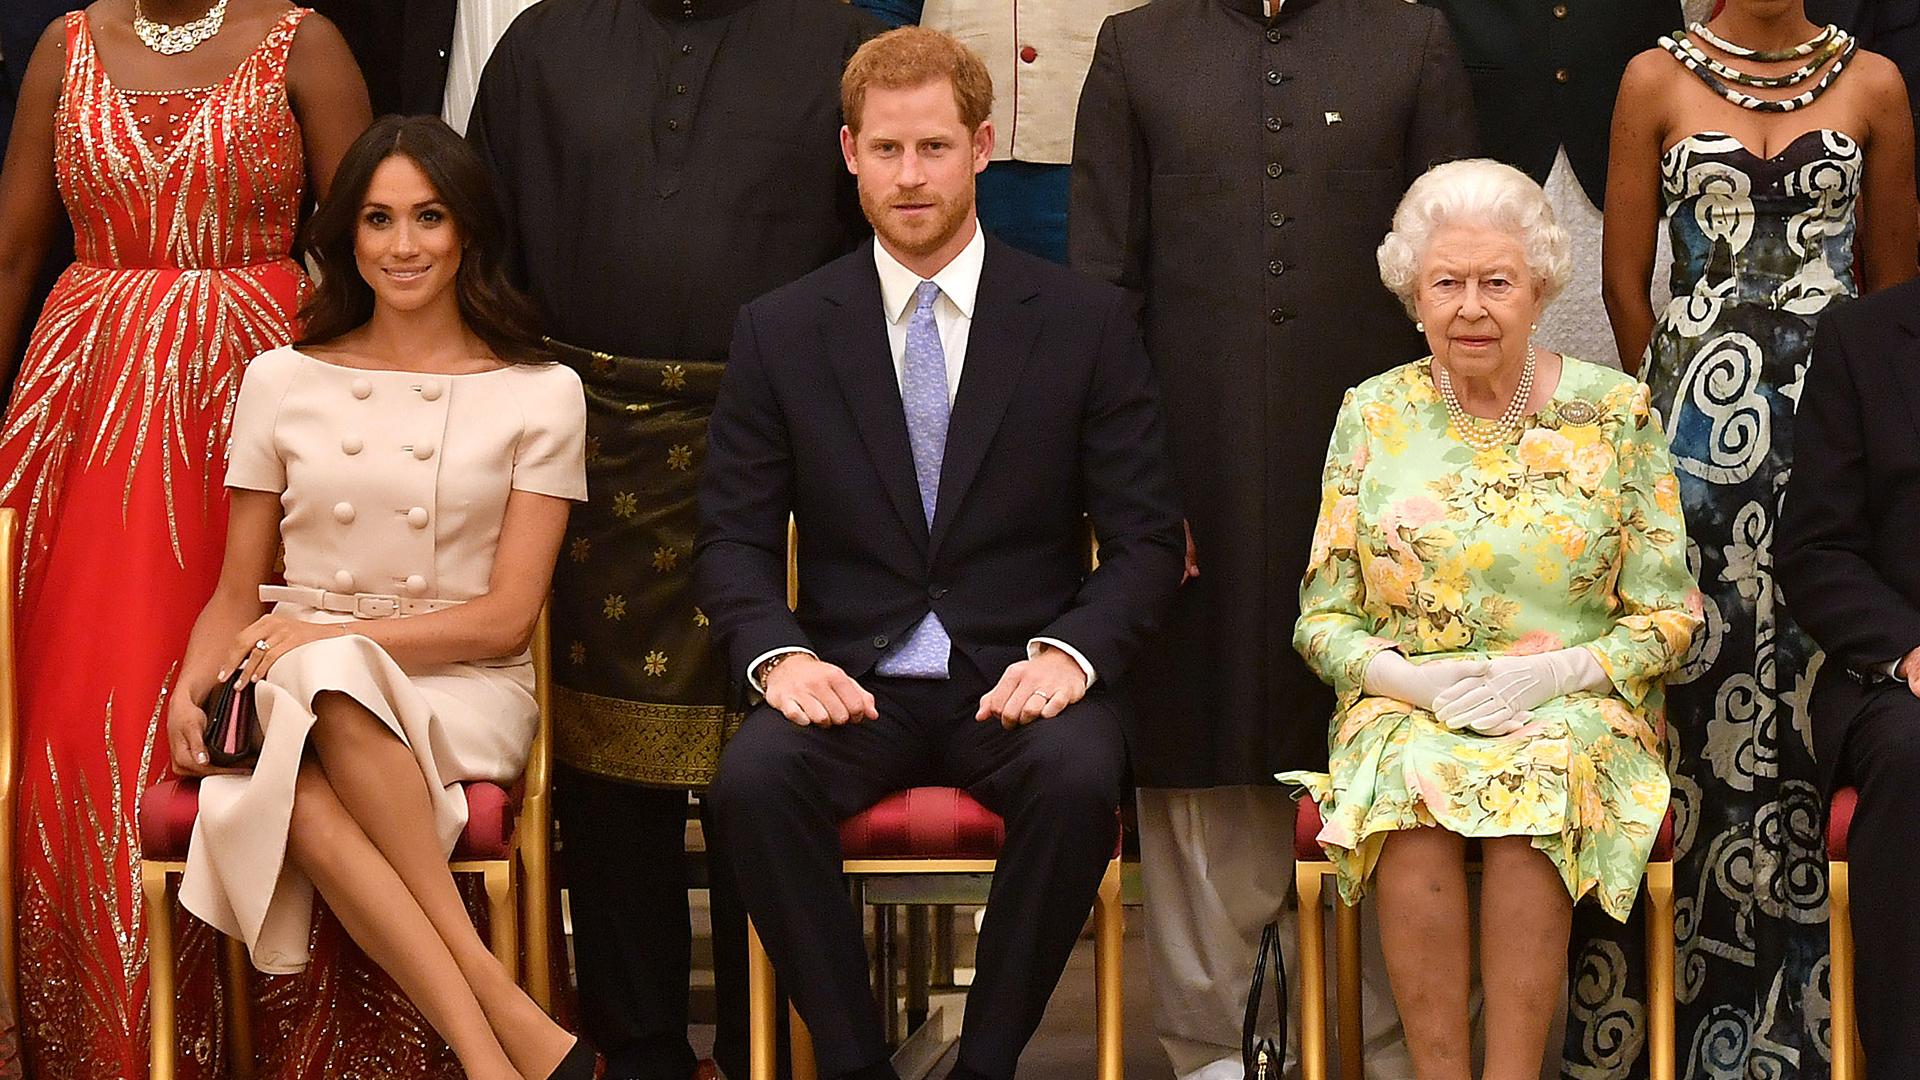 """El comunicado de la reina Isabel II tras la explosiva entrevista a Meghan y Harry: promete tomar """"muy en serio"""" las acusaciones de racismo"""